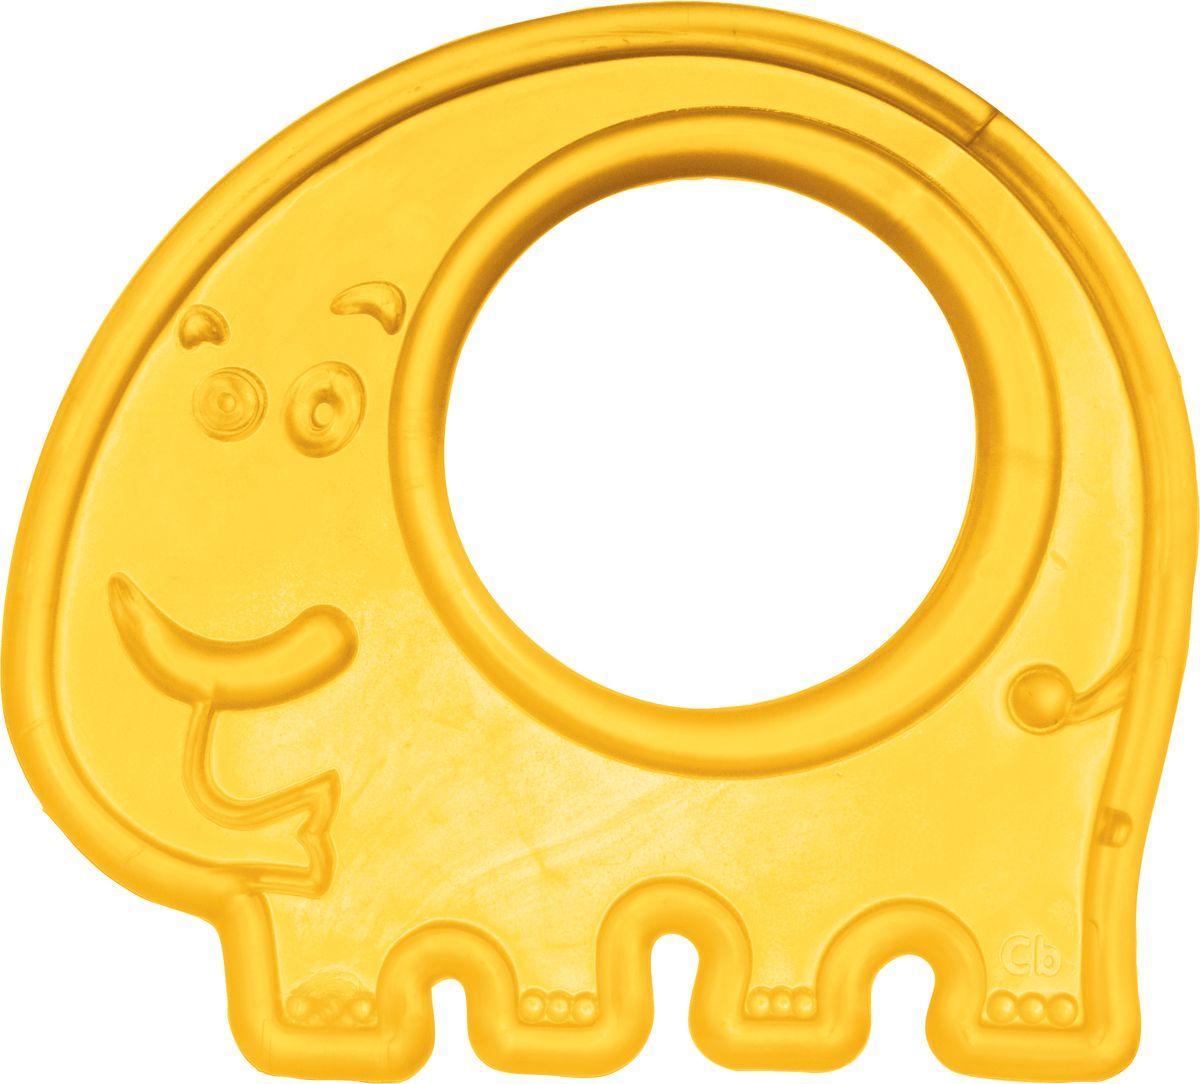 Canpol Babies Прорезыватель Слоник цвет желтый canpol babies прорезыватель охлаждающий ягодка цвет красный